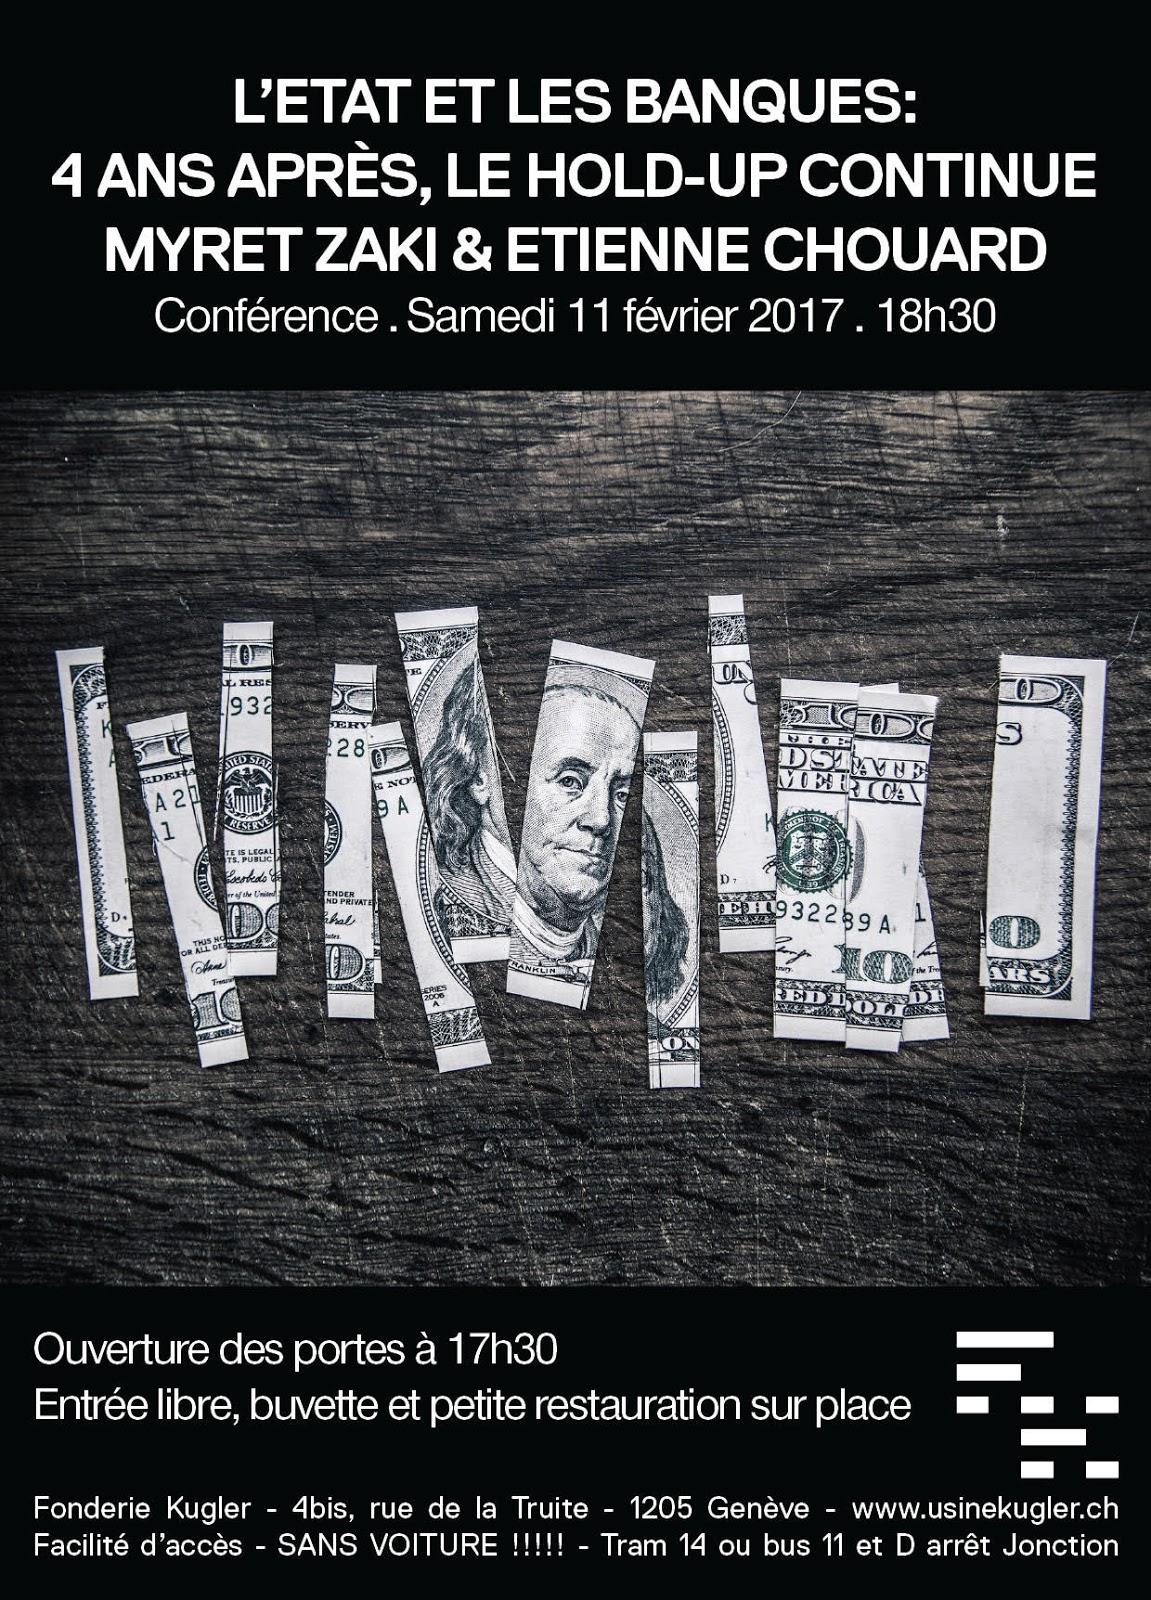 Myret Zaki et Etienne Chouard à Genève le Sam. 11/02/ 2017 à 18h30